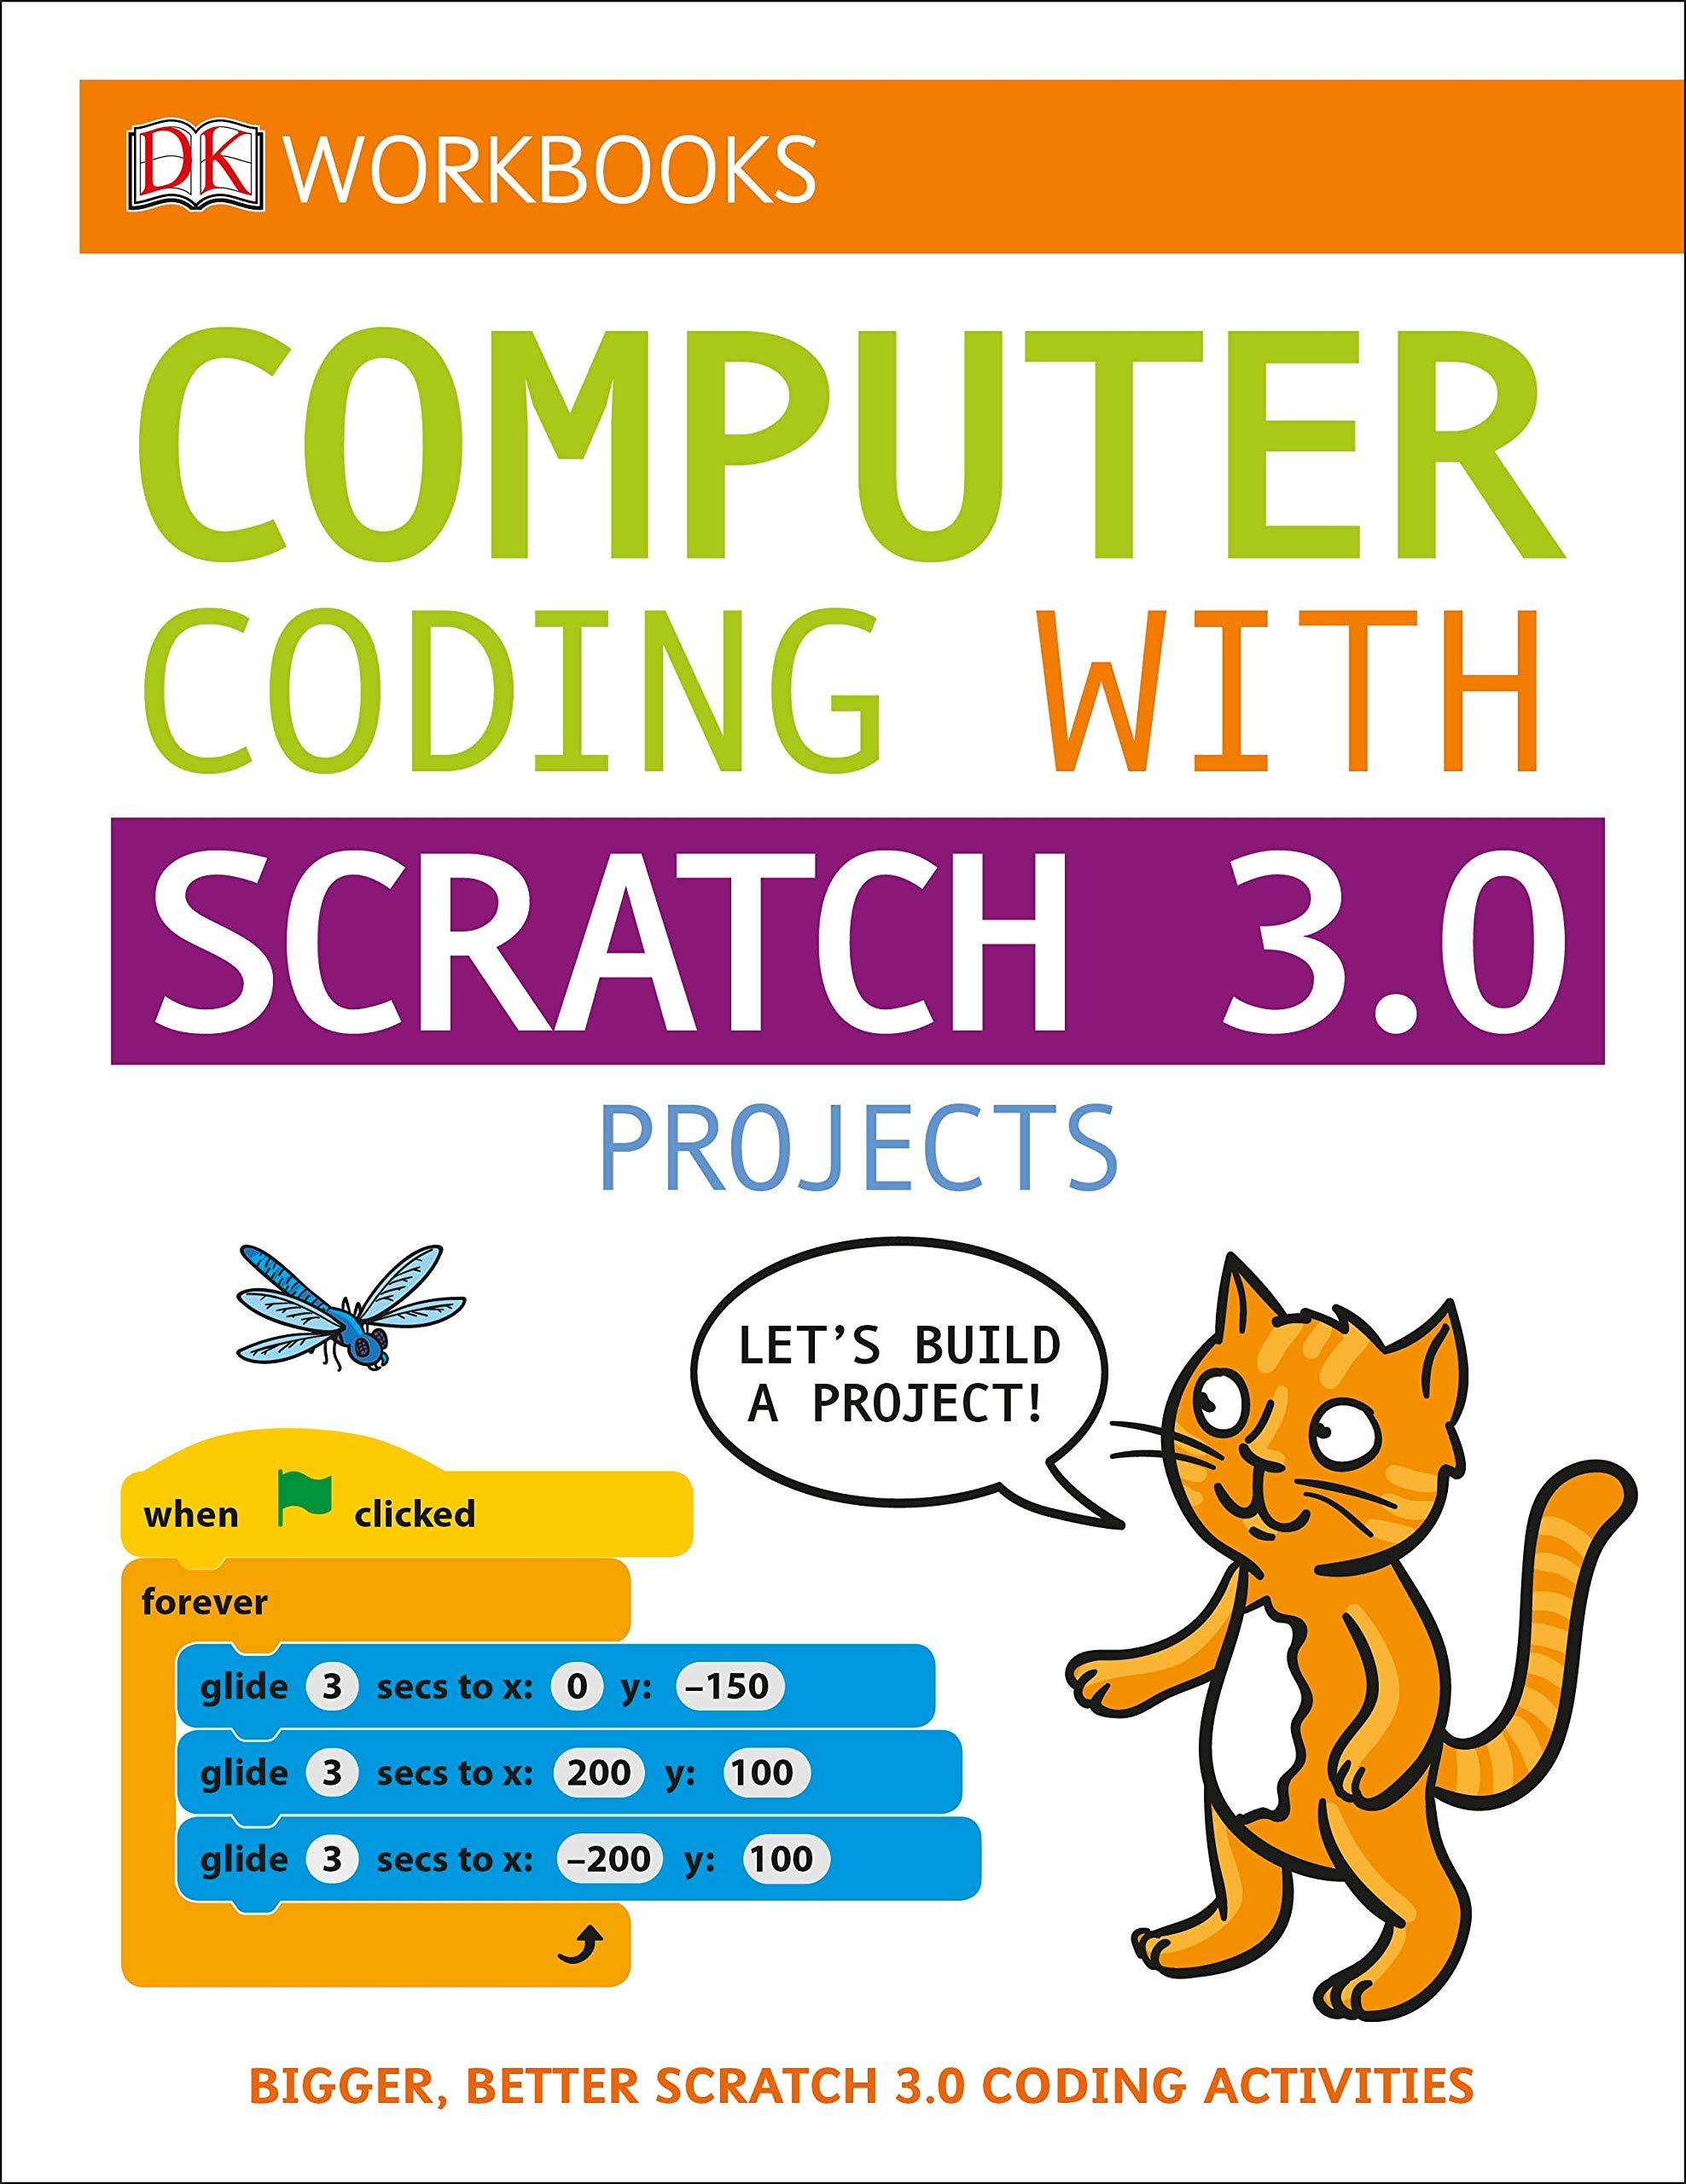 DK Workbooks  Computer Coding With Scratch 3.0 Workbook